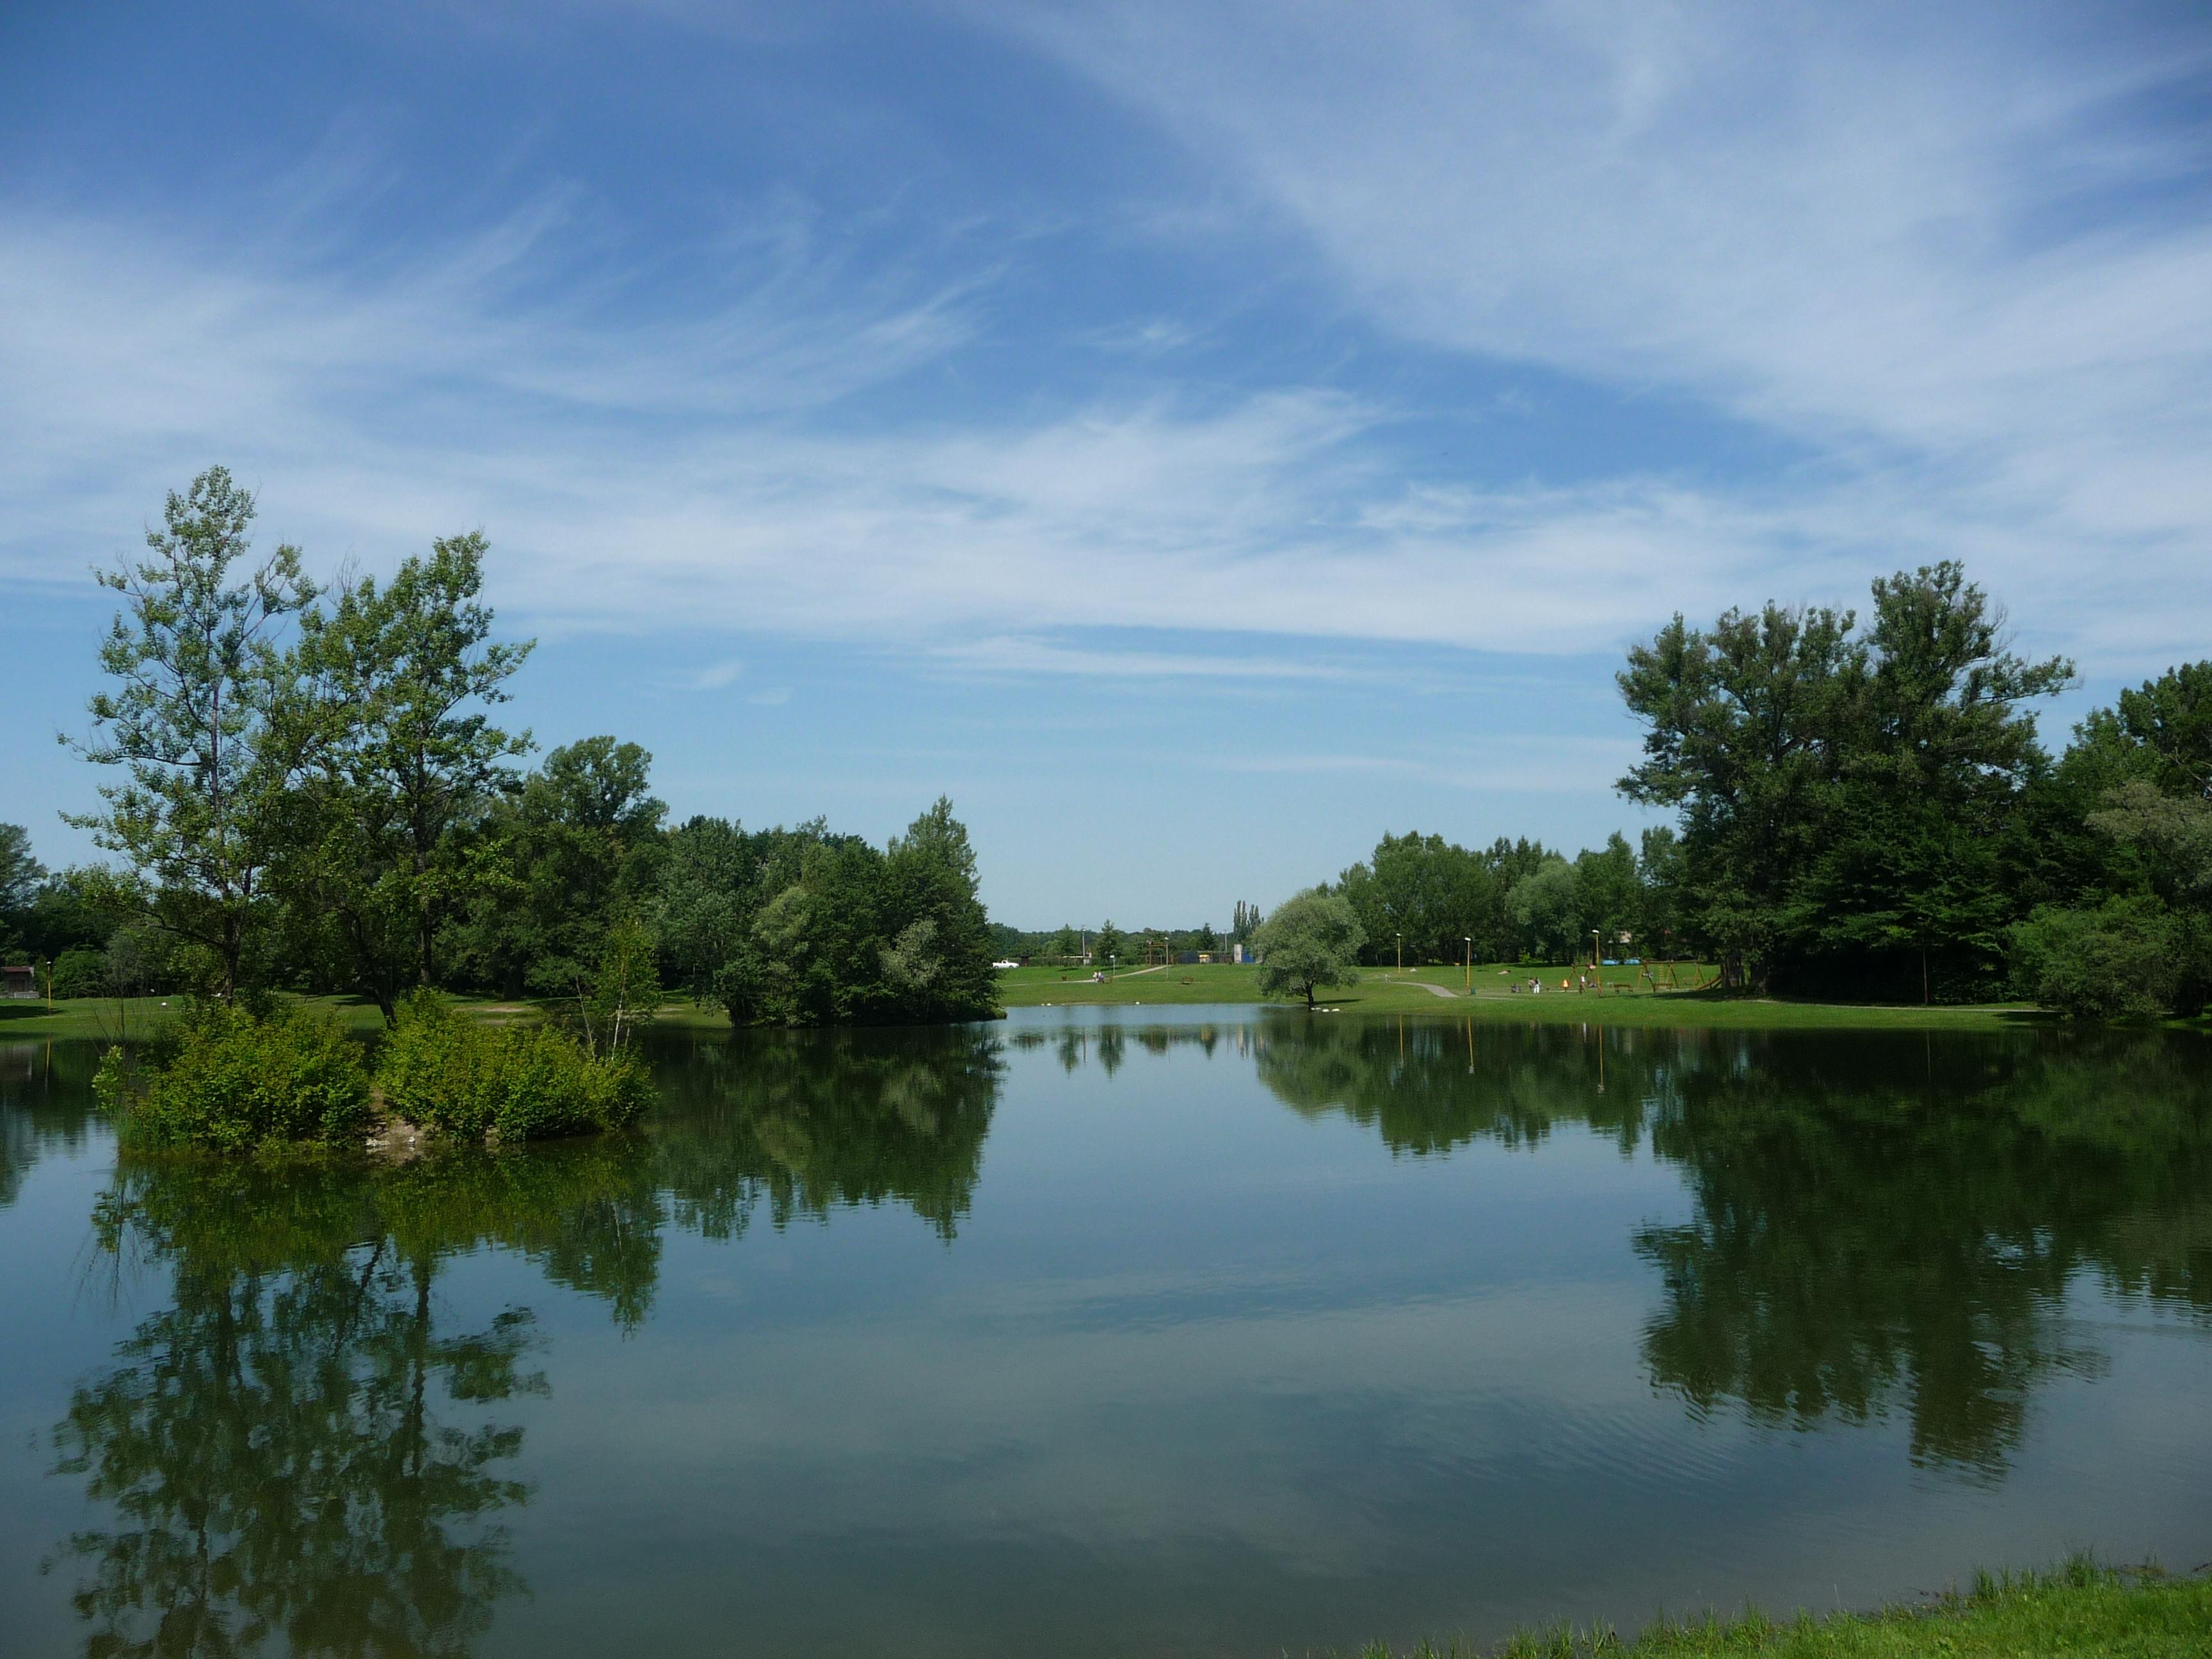 Areál lagun, obrázek se otevře v novém okně